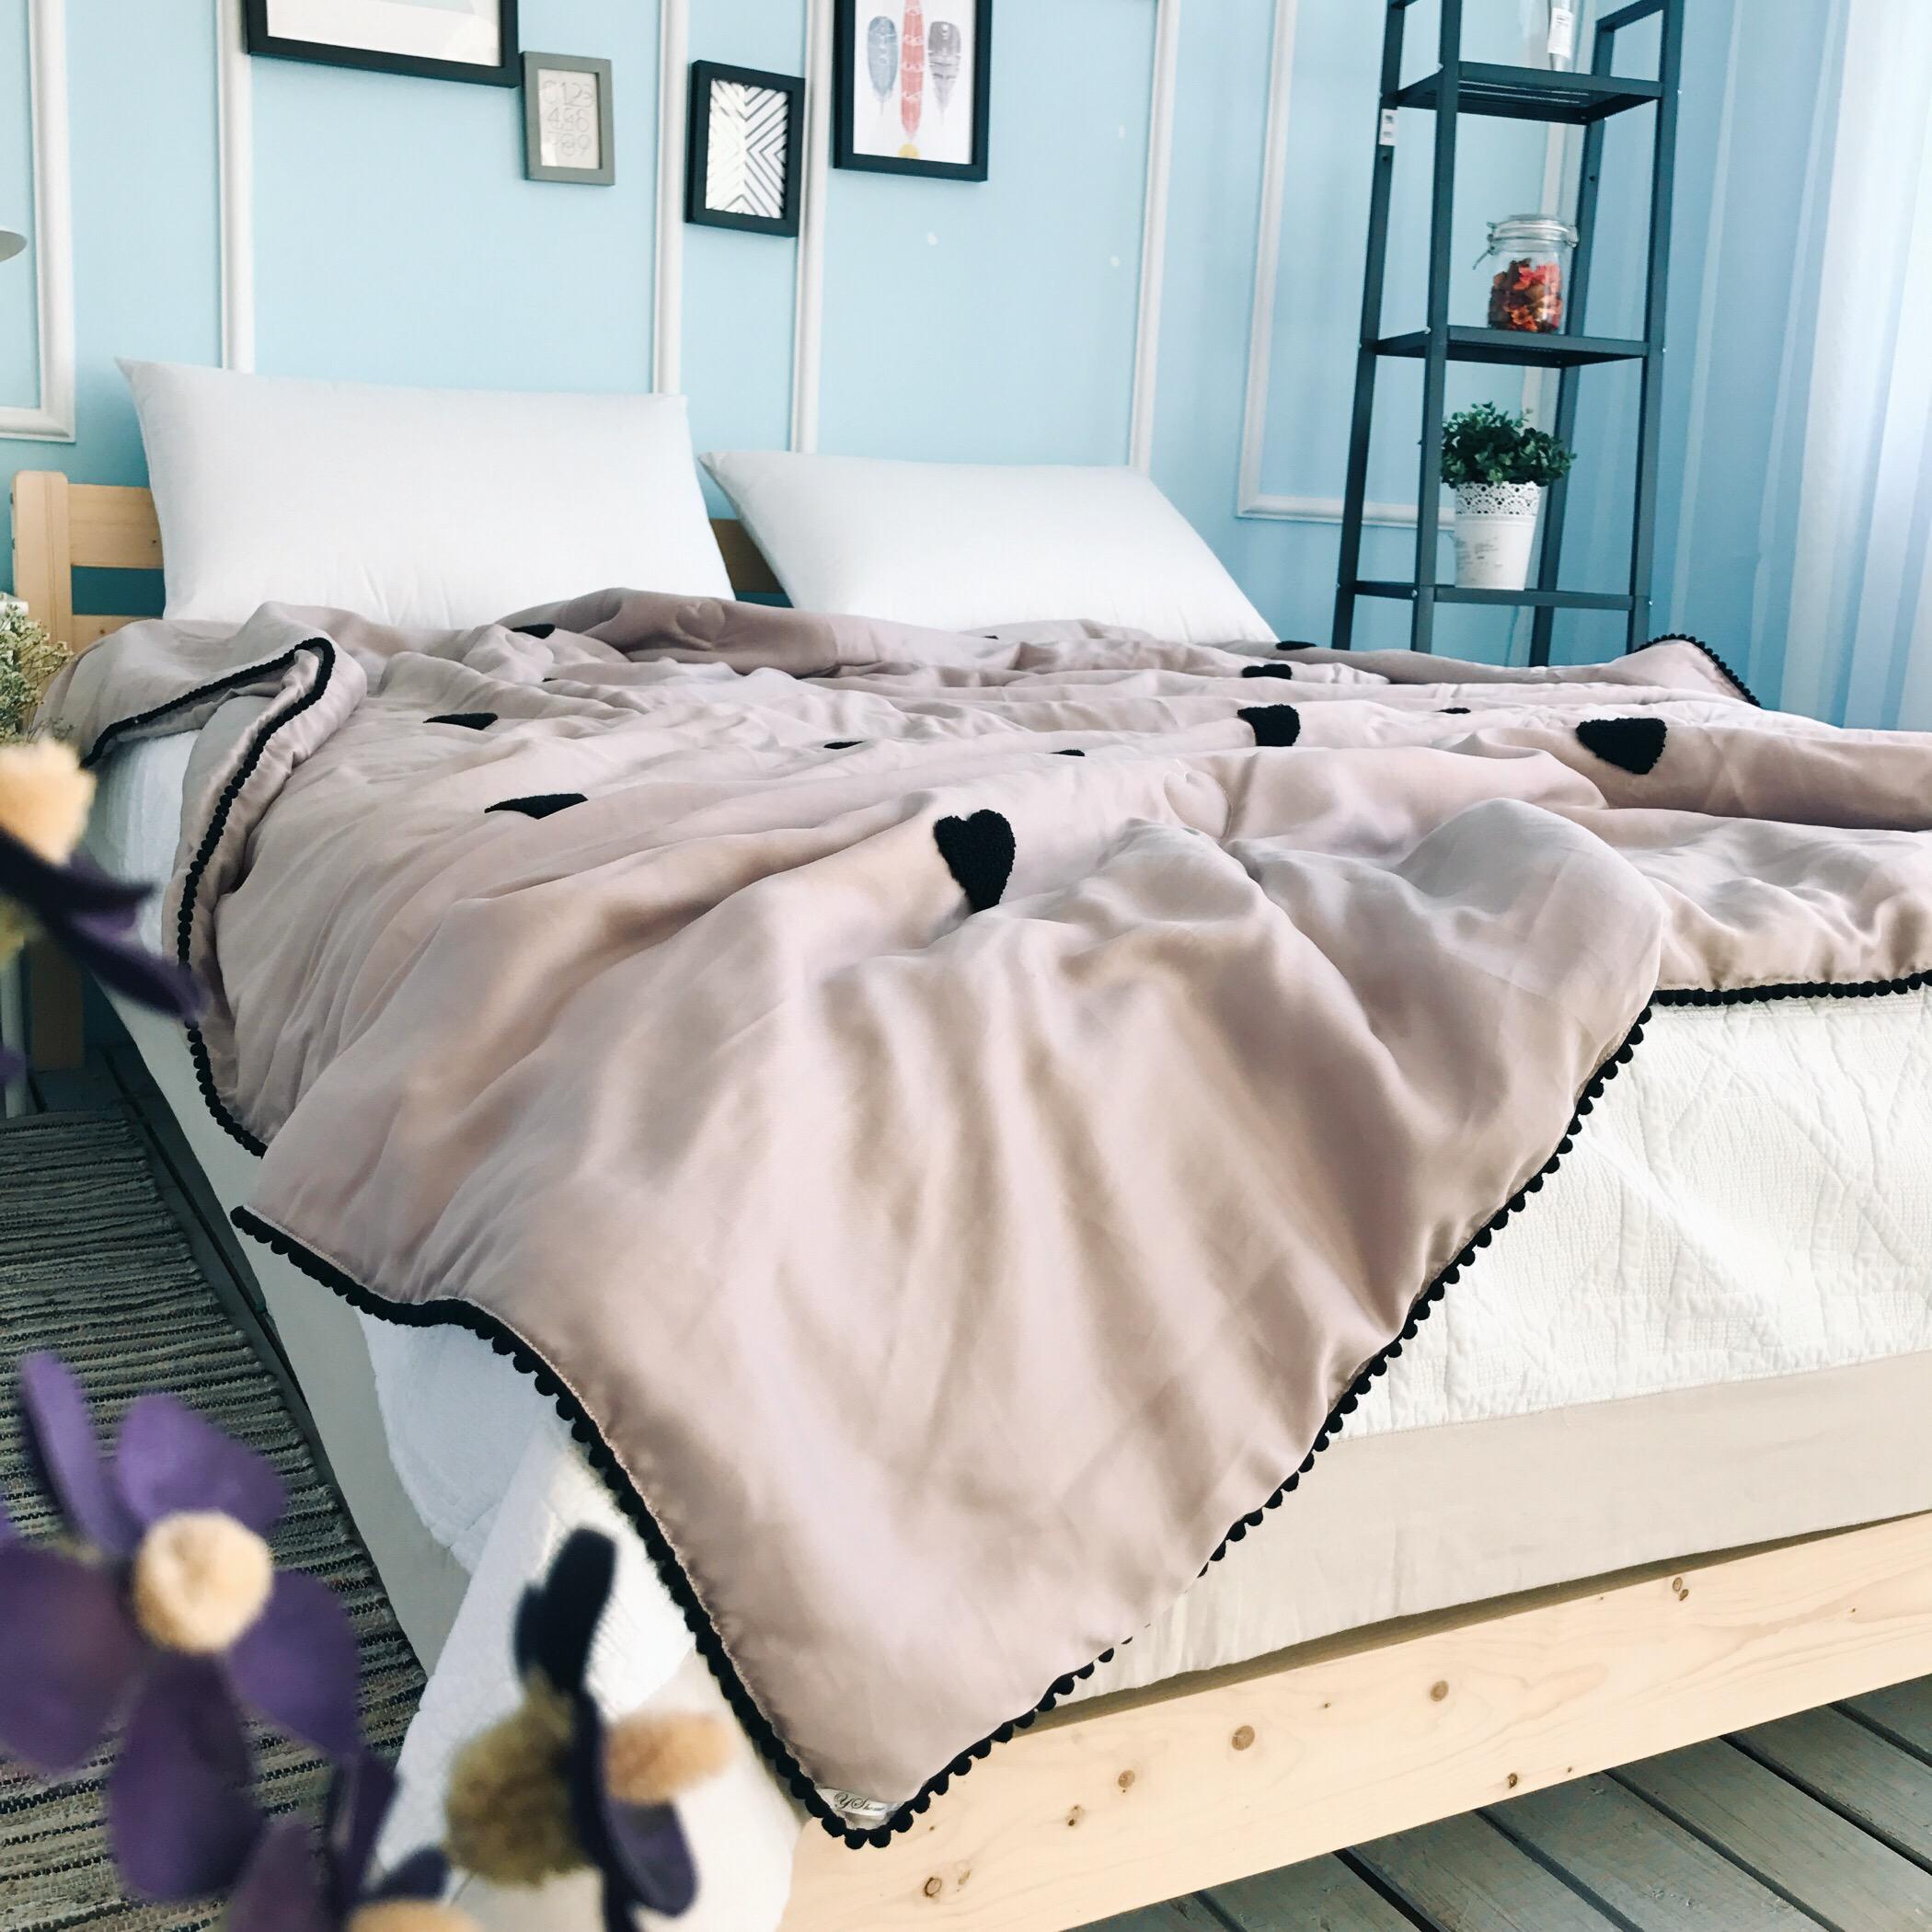 完美的床上四件套,就在这里啦!